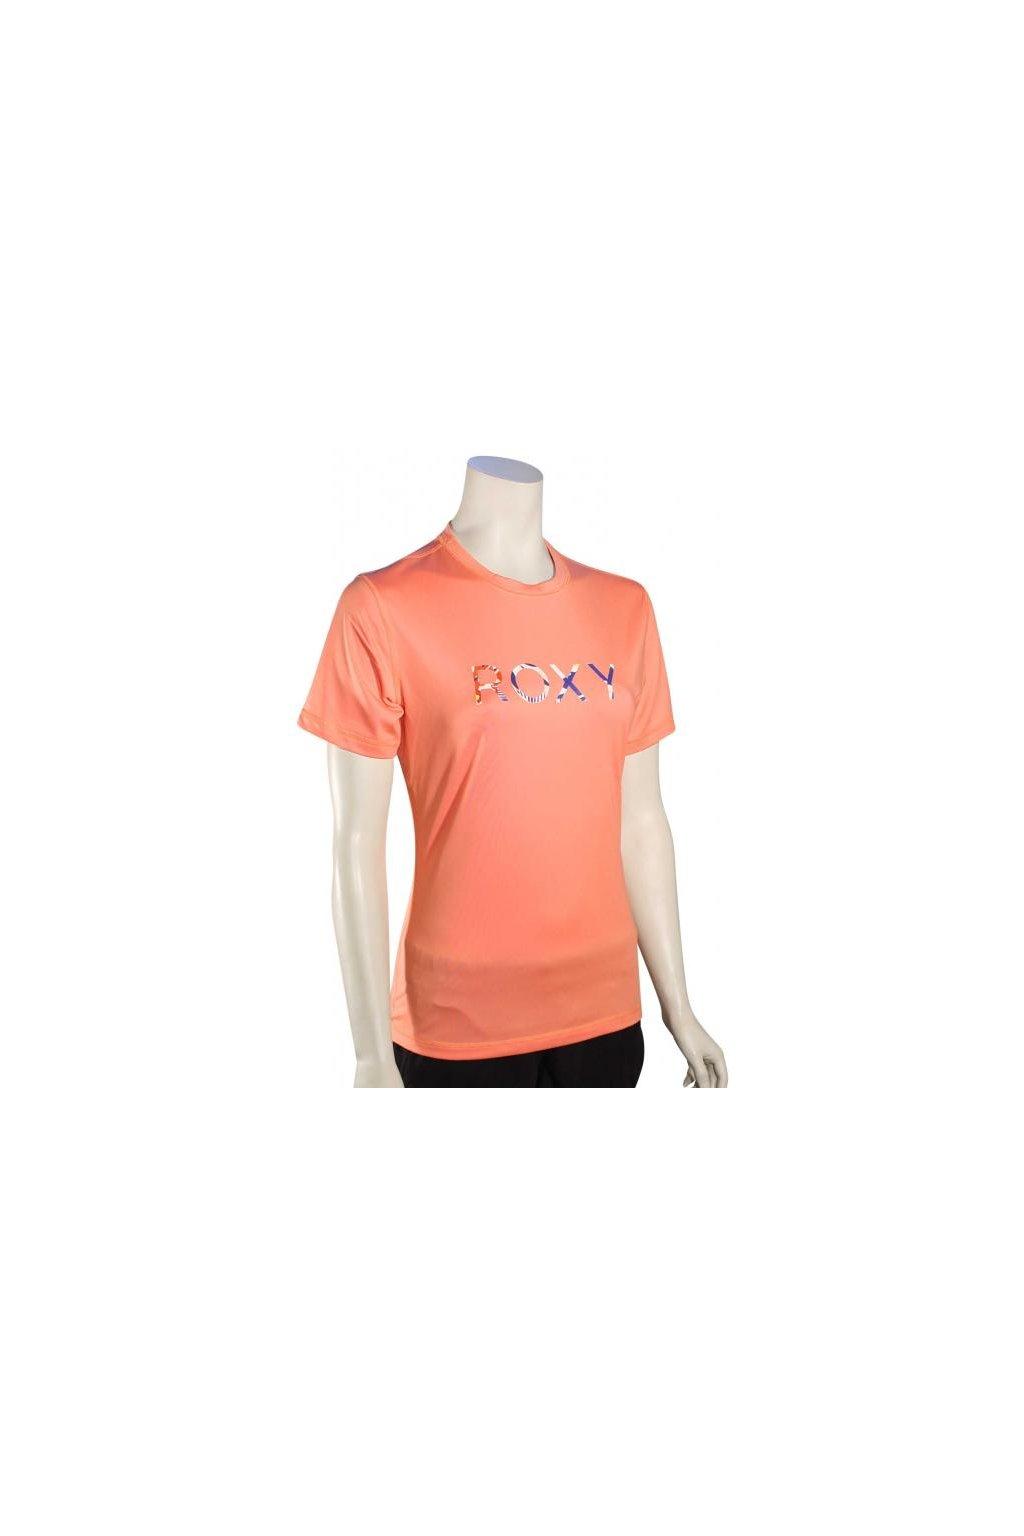 Tričko Roxy ERJWR03041 MGE0